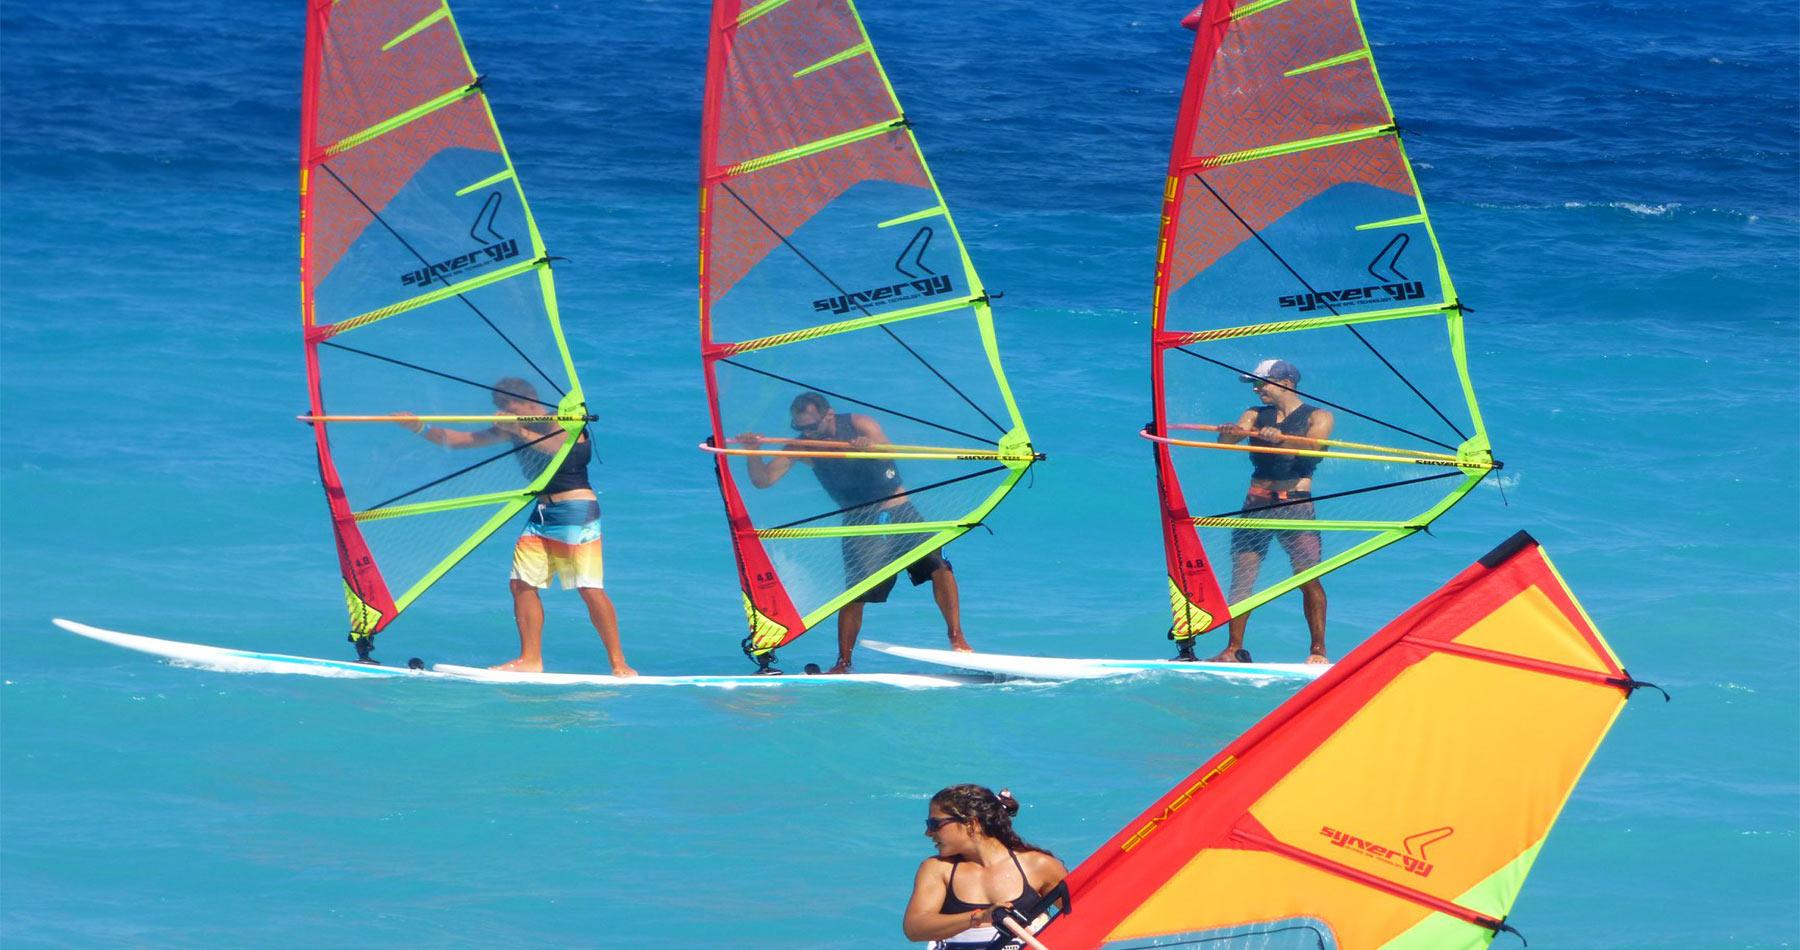 rhodes experiences surfline 4